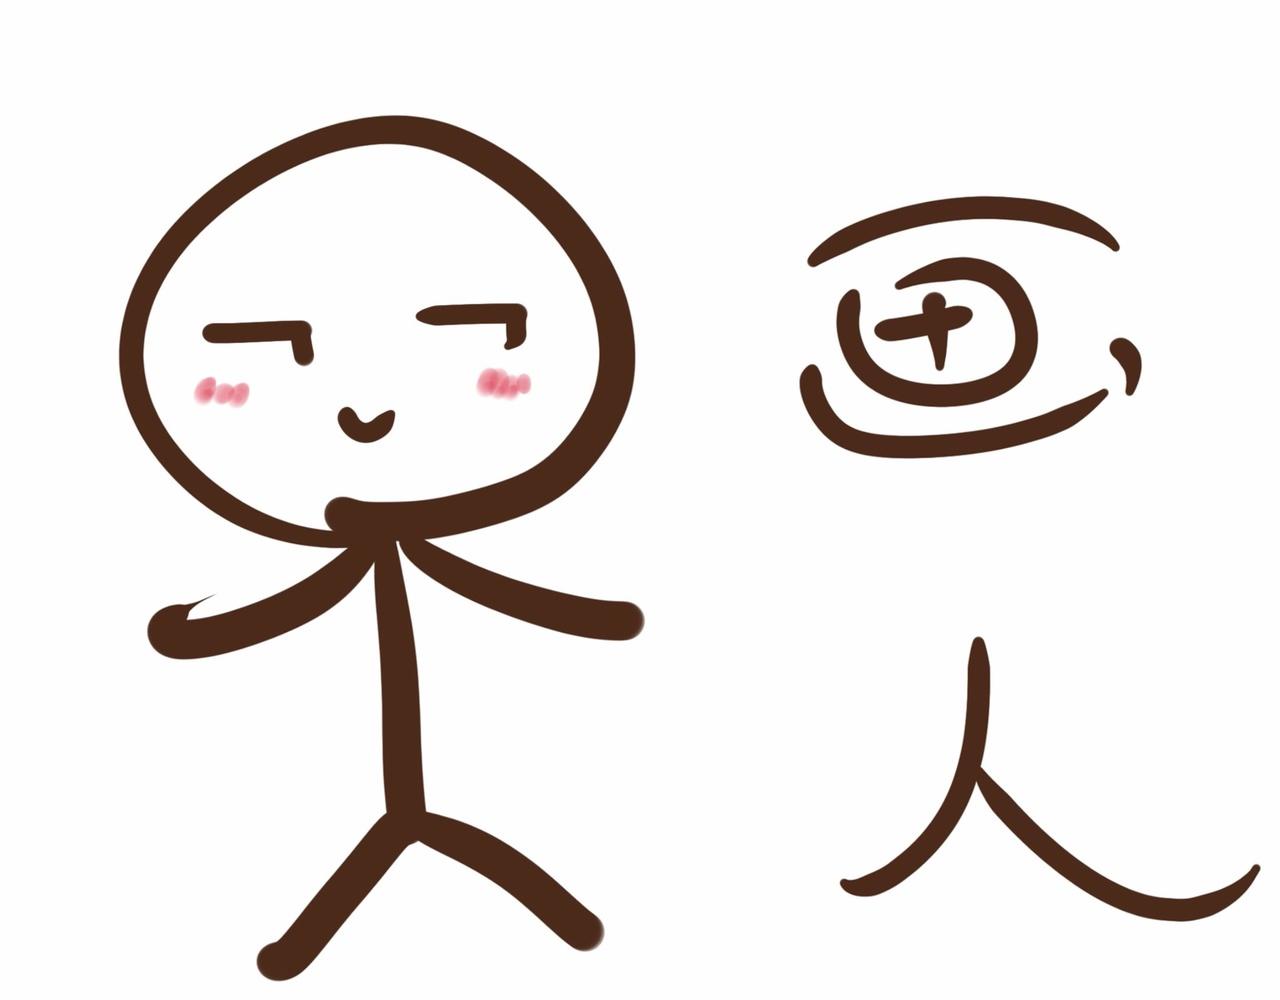 【十分绘画】第三十五期 豆豆老师亲授最不要脸的画人技巧